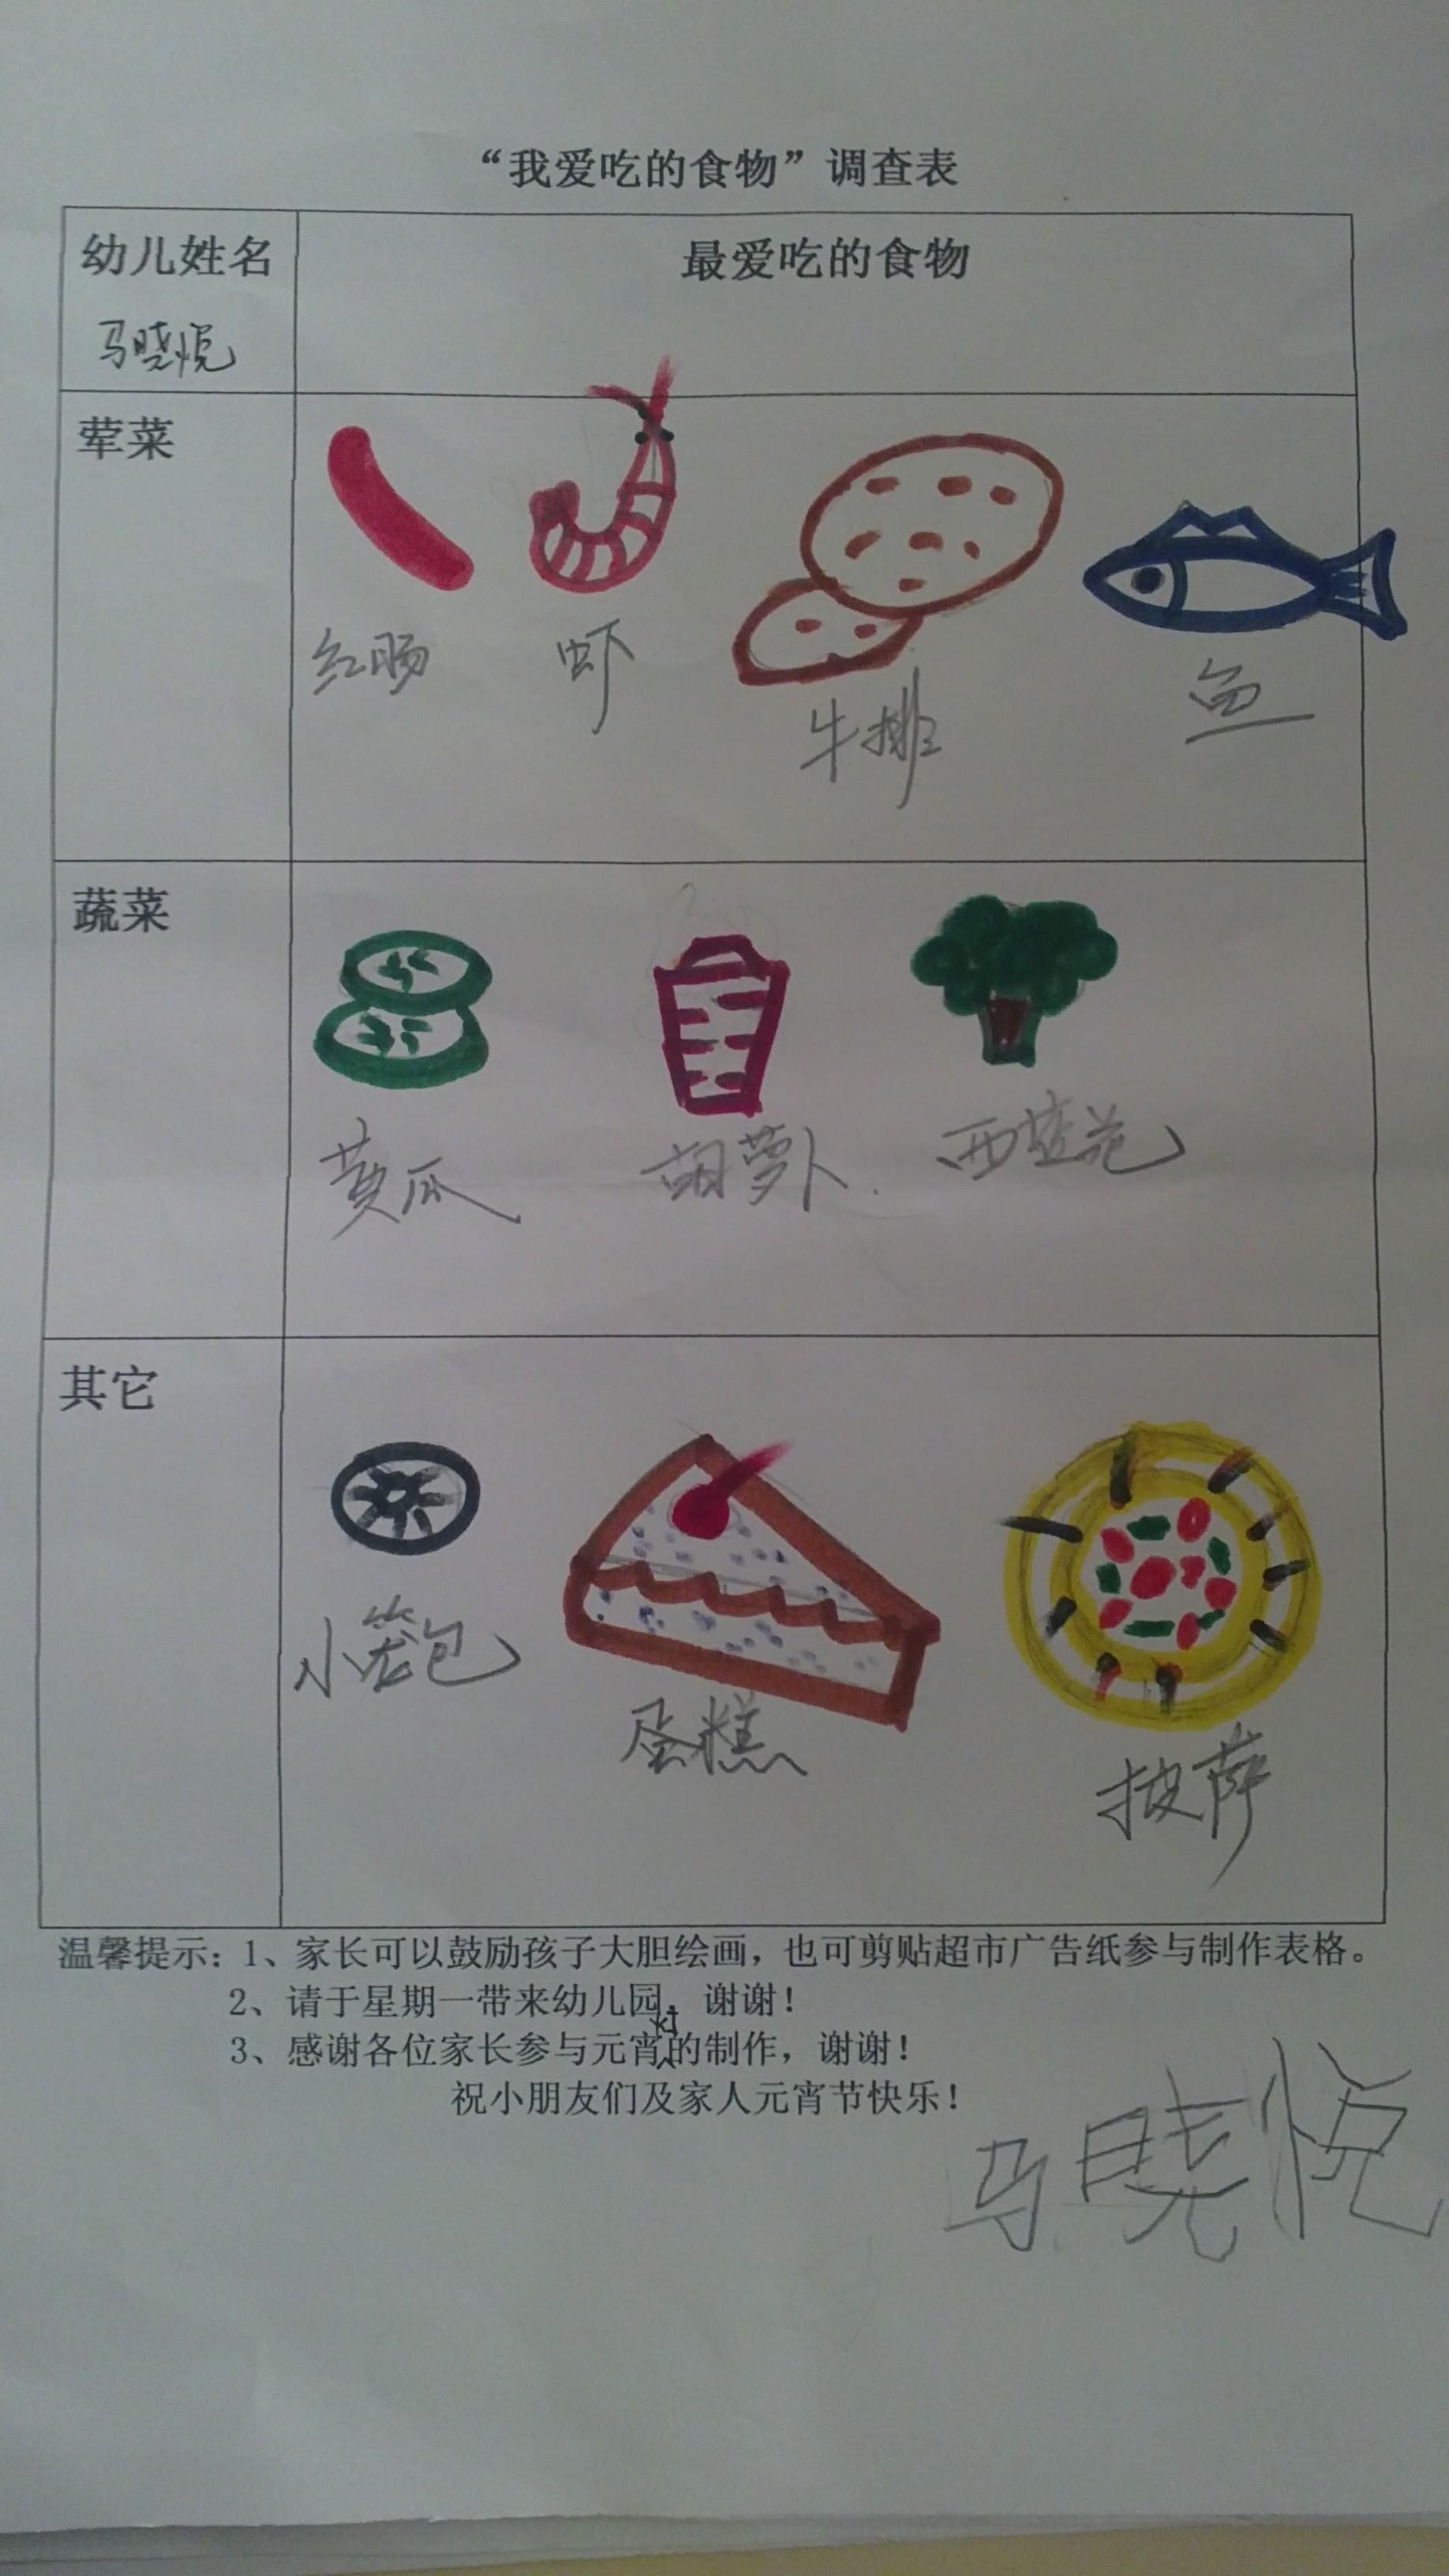 幼儿园招生简章模板分享;